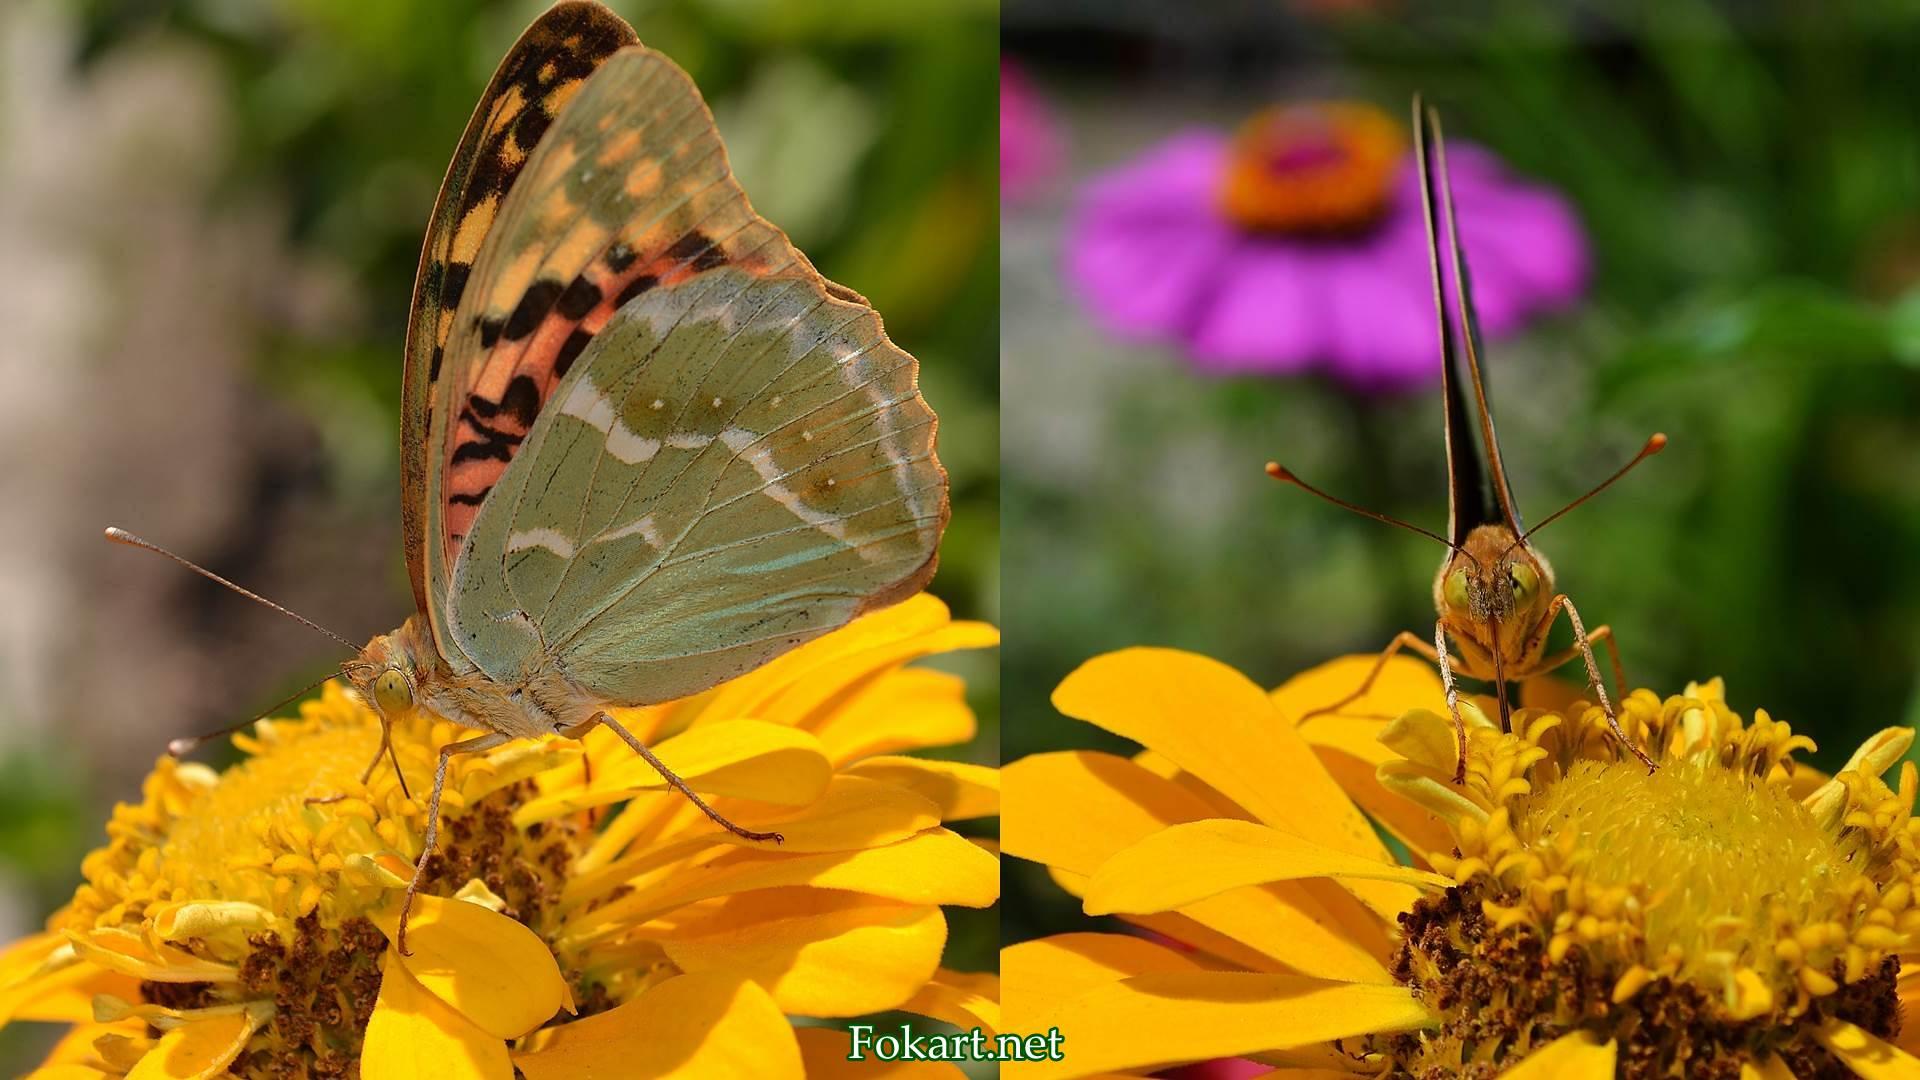 Перламутровка большая на цветке, вид спереди и сбоку